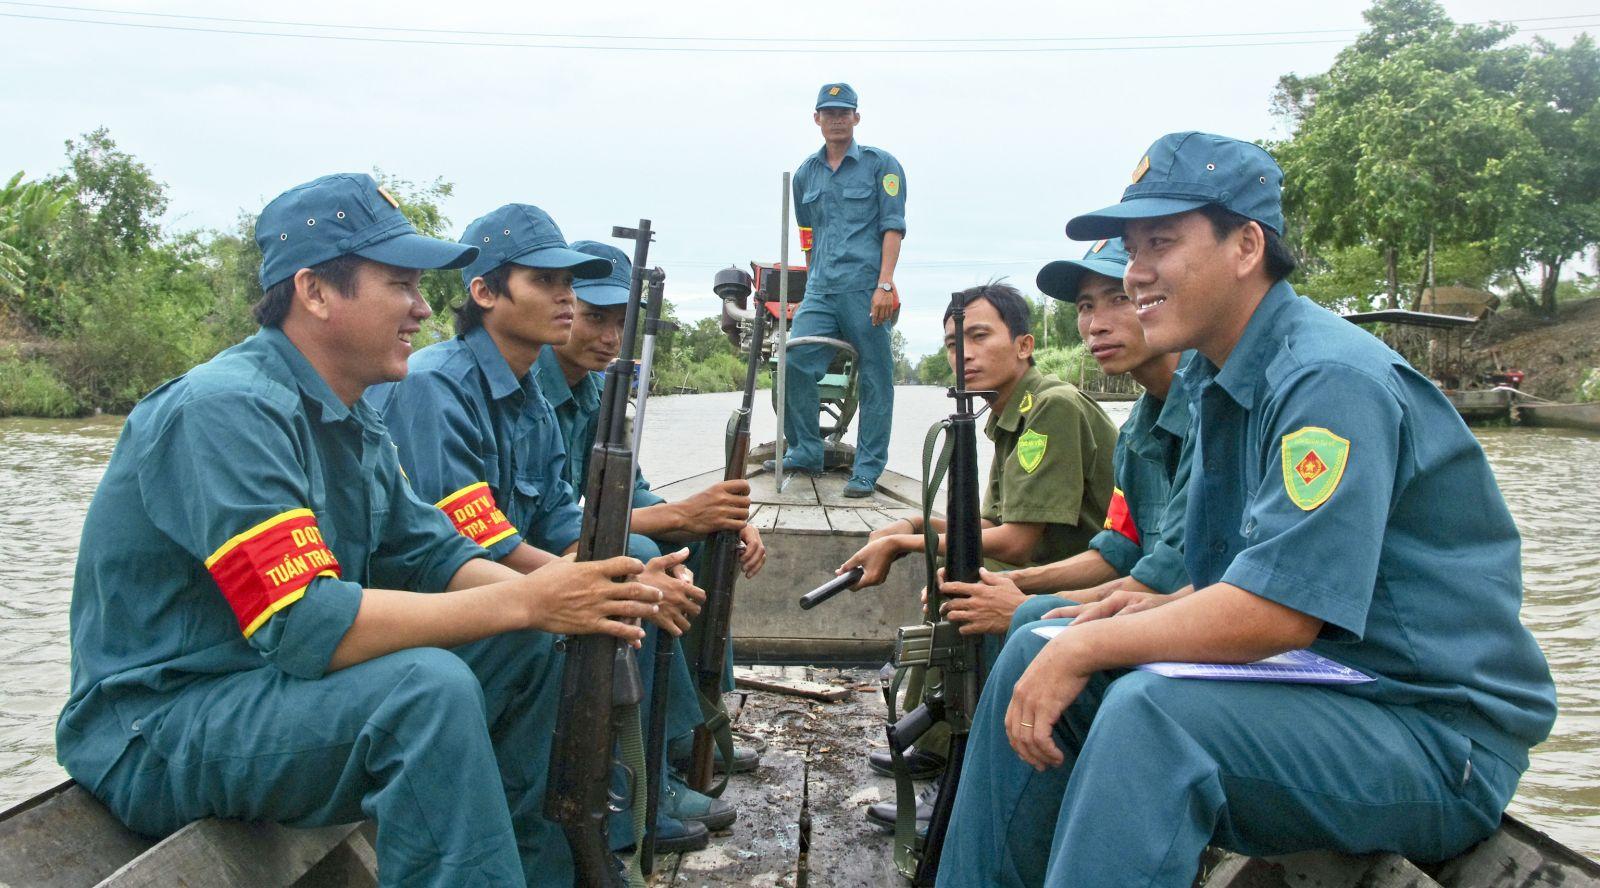 Chiến sỹ DQ Nguyễn Văn Thuận ( bên trái) - Vai em bé trong phim cánh đồng hoang, đang tham gia tuần tra bảo vệ an toàn địa bàn